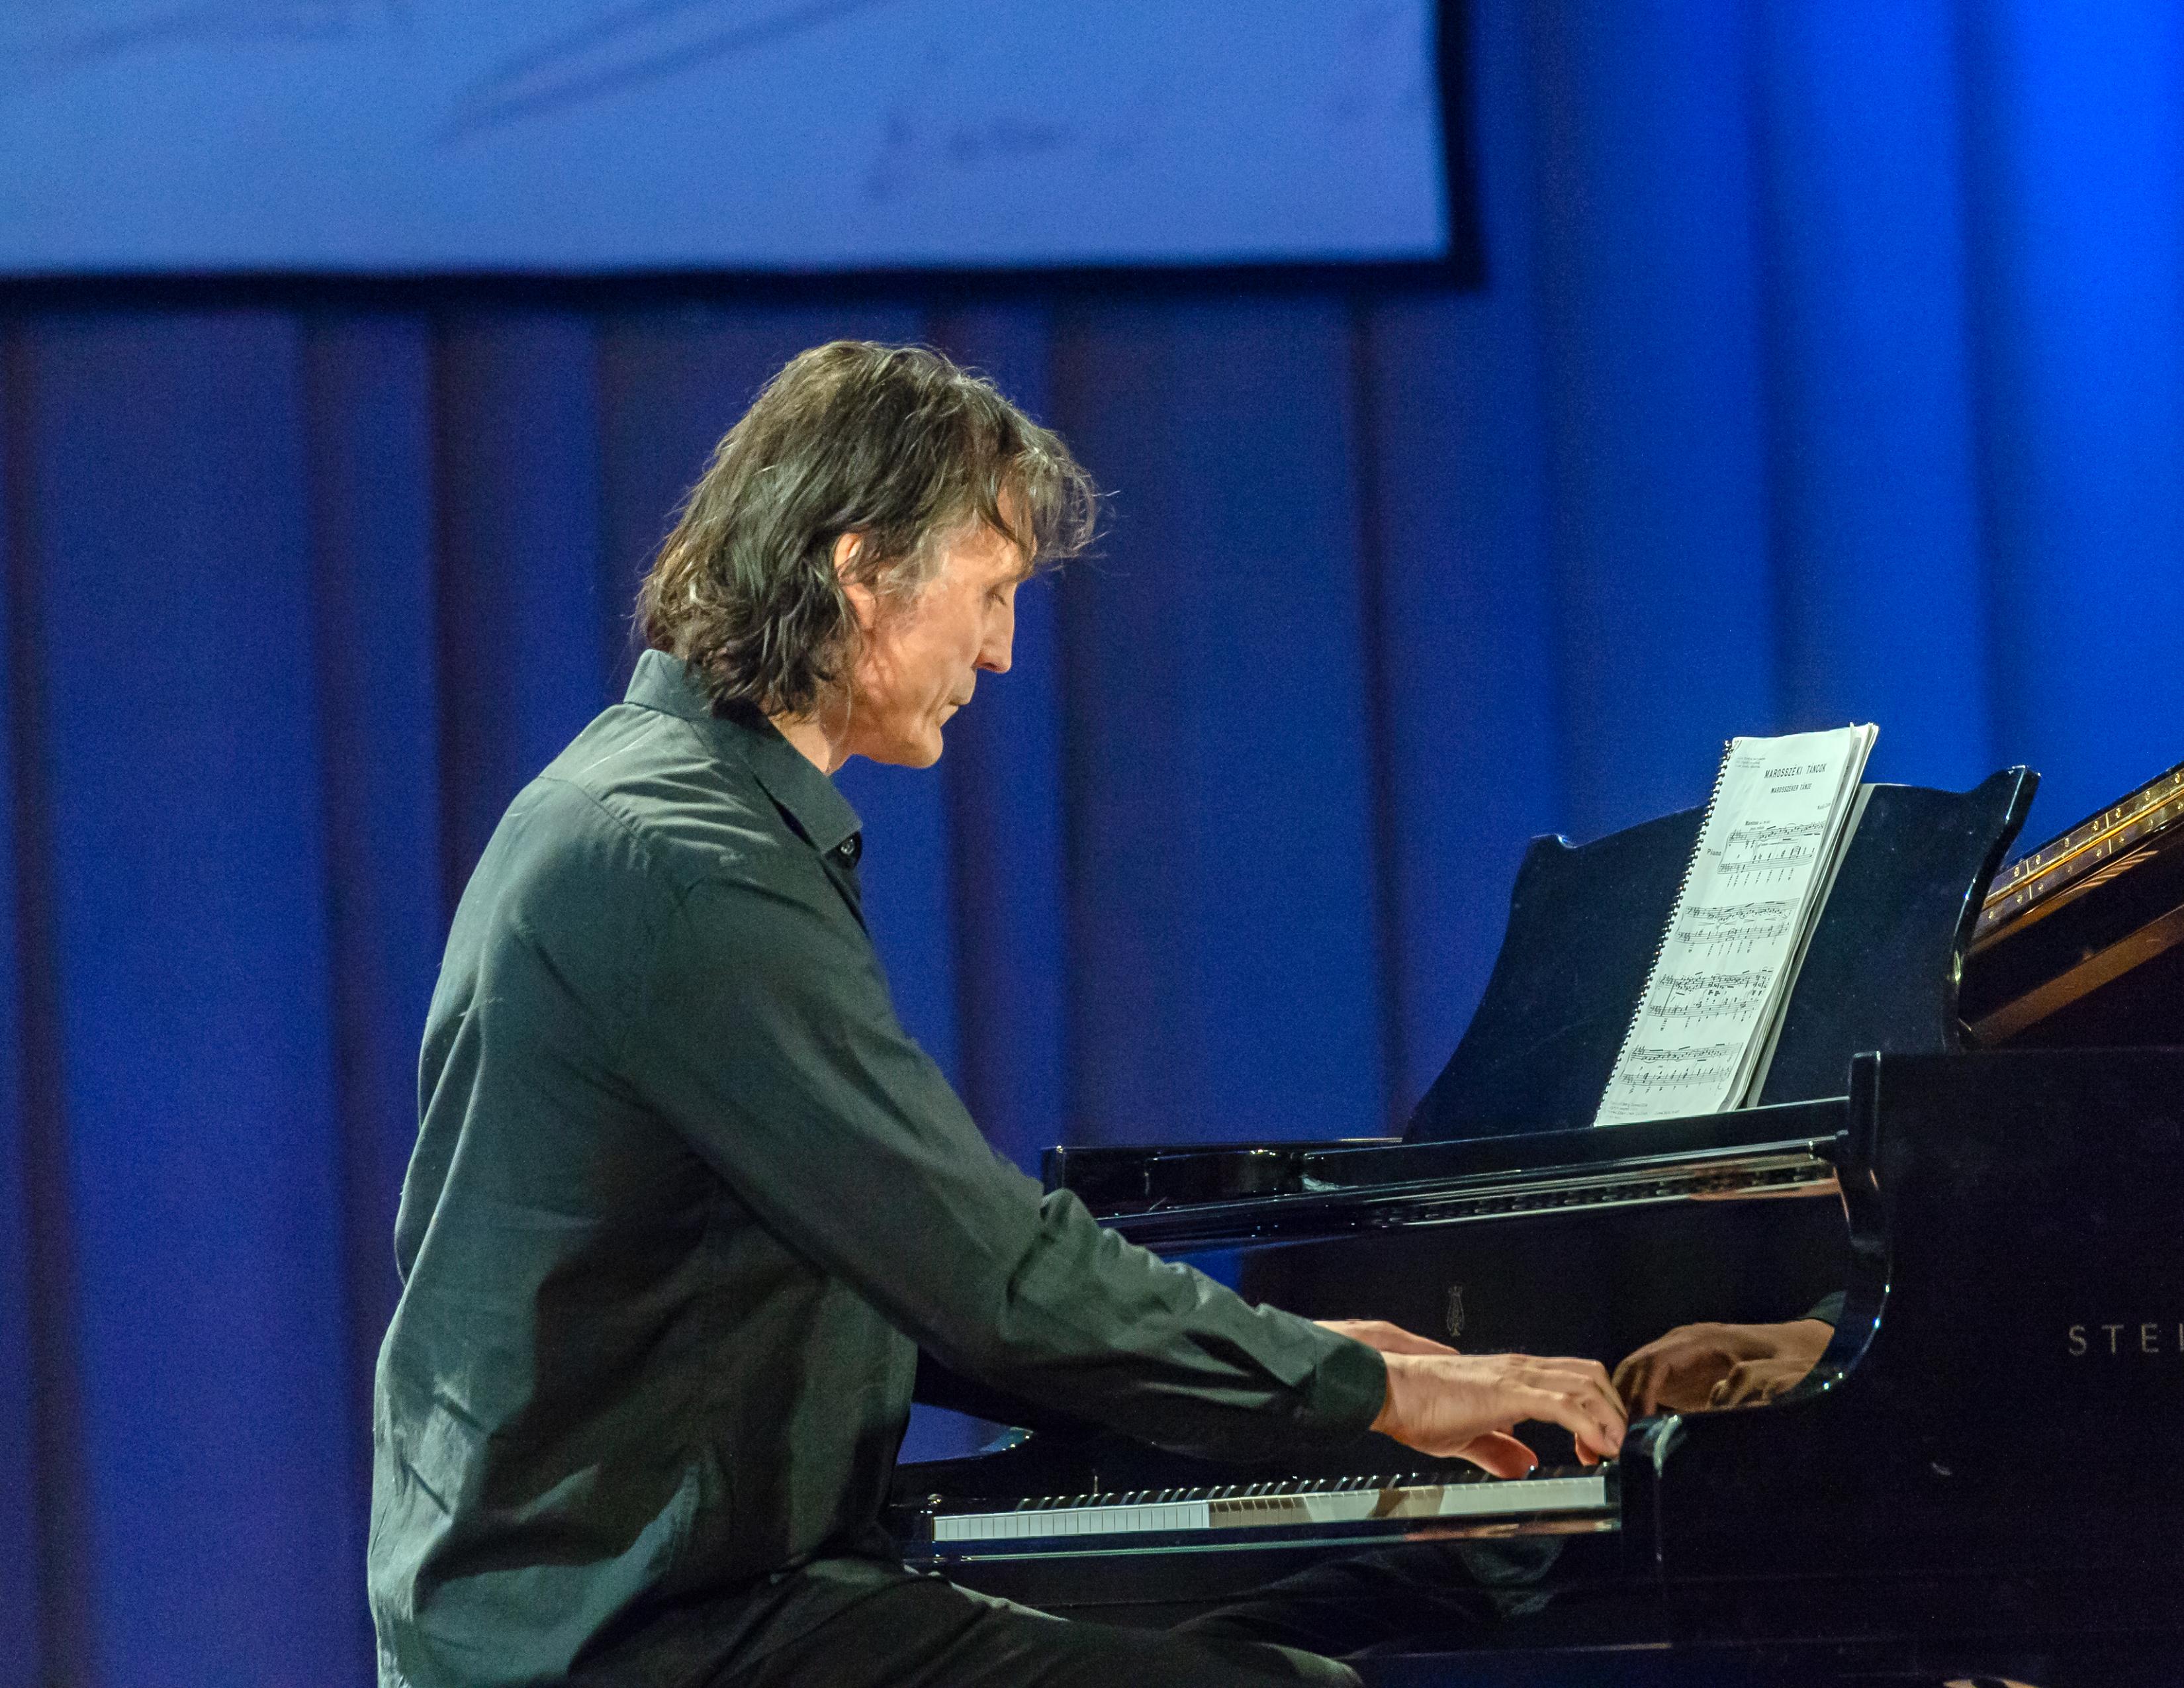 Вчера, 22 мая, в Челябинске в Концертном зале имени Прокофьева состоялось открытие Дней венгерско